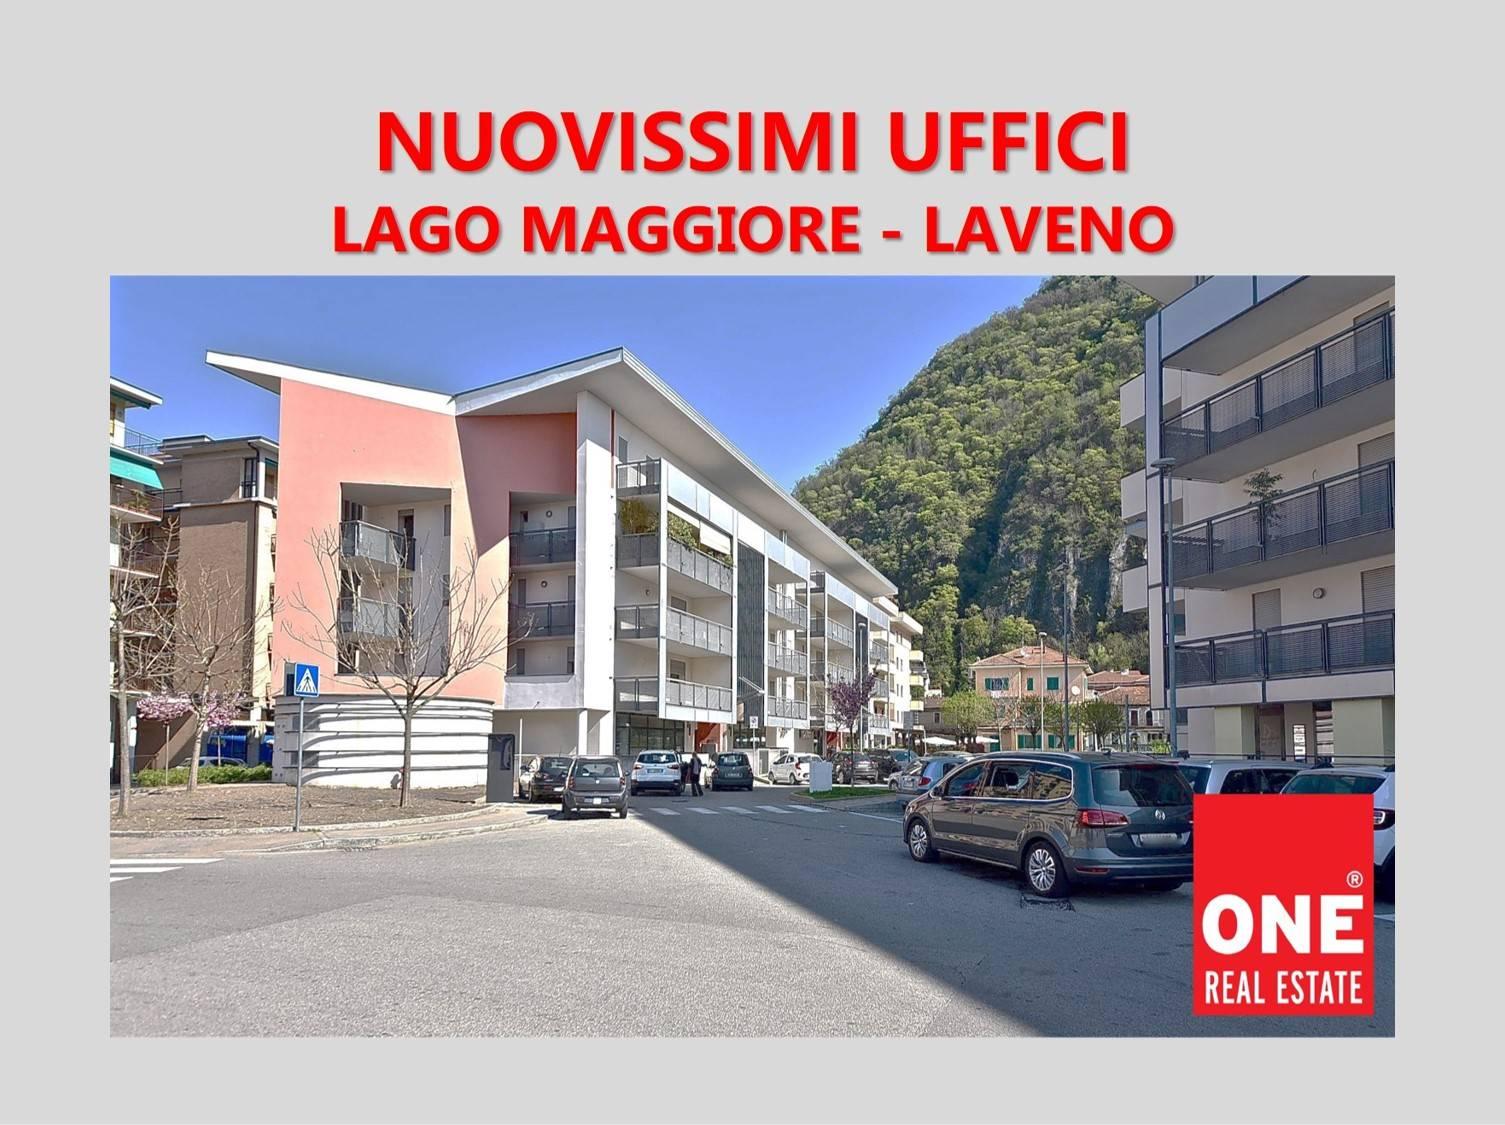 Ufficio / Studio in vendita a Laveno-Mombello, 3 locali, zona Località: LAVENO, prezzo € 131.000 | PortaleAgenzieImmobiliari.it